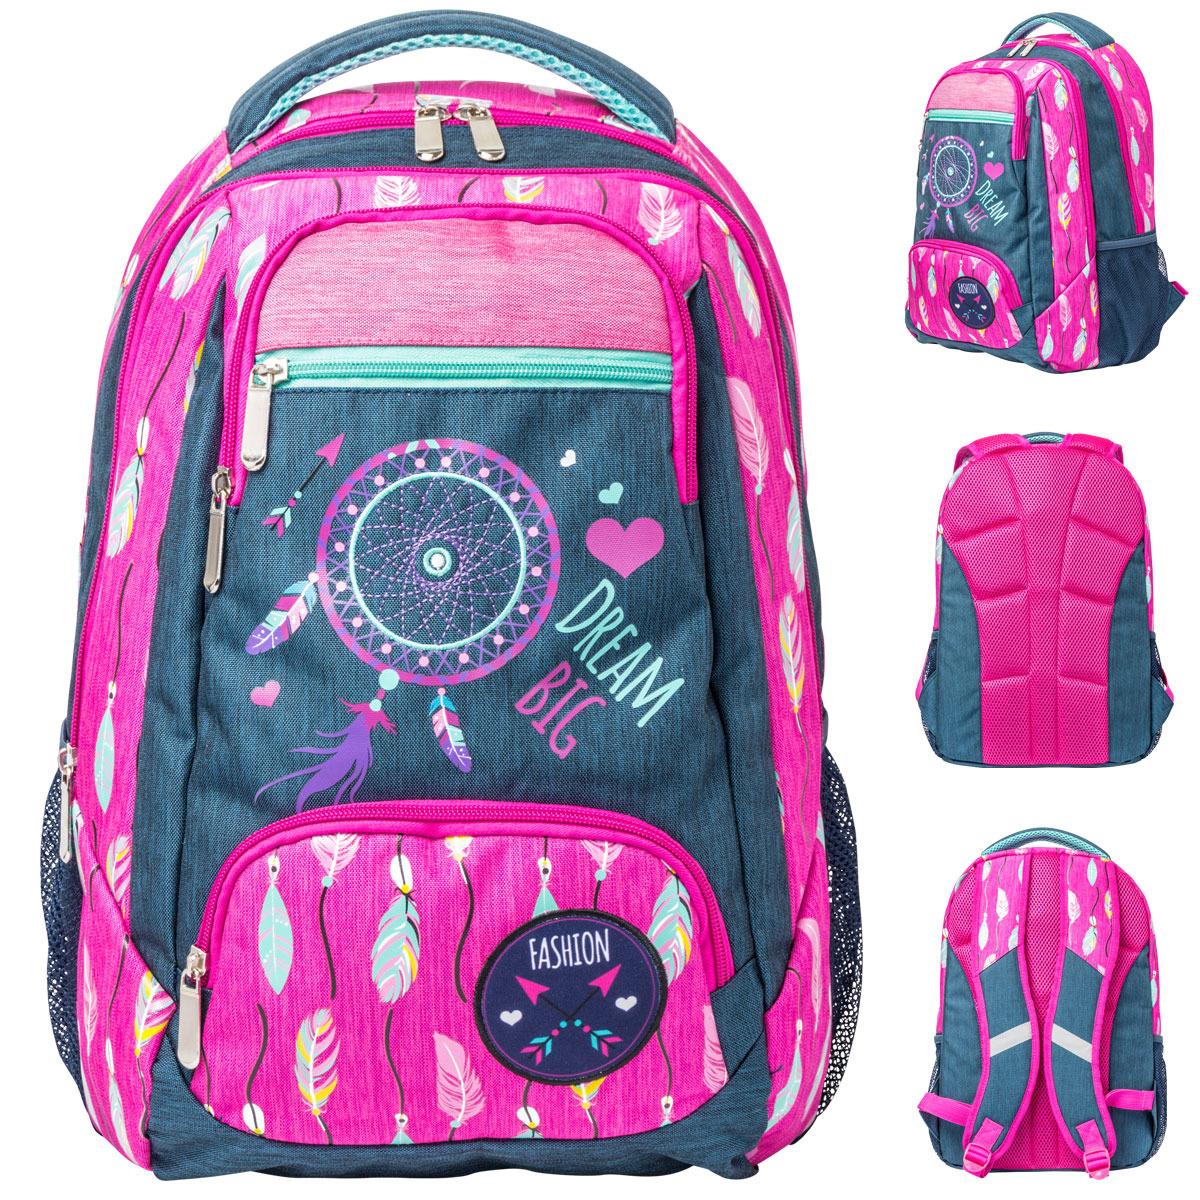 Рюкзак детский Action!, AB11163, серый, розовый цена